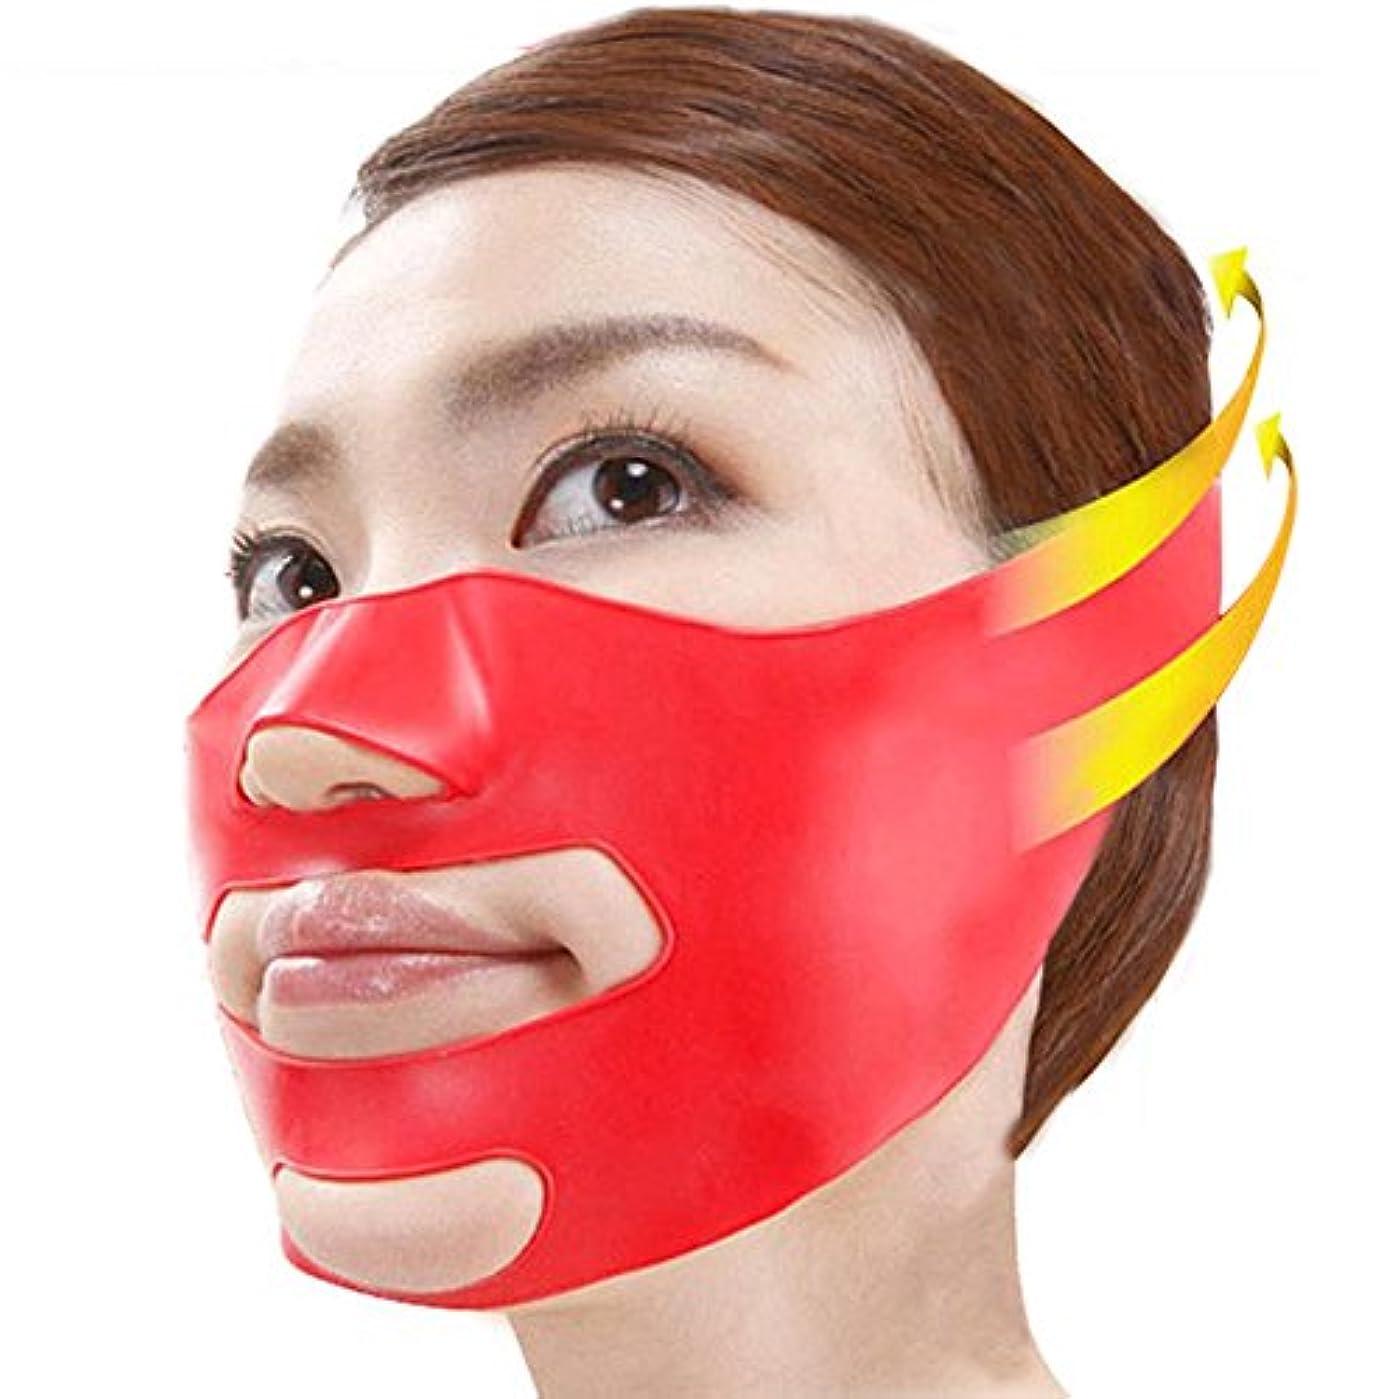 辞任する取得するドラッグ3D 小顔 マッサージグッズ フェイスマスク 美容 顔痩せ ほうれい線 消す グッズ 美顔 矯正 (フリーサイズ, レッド)